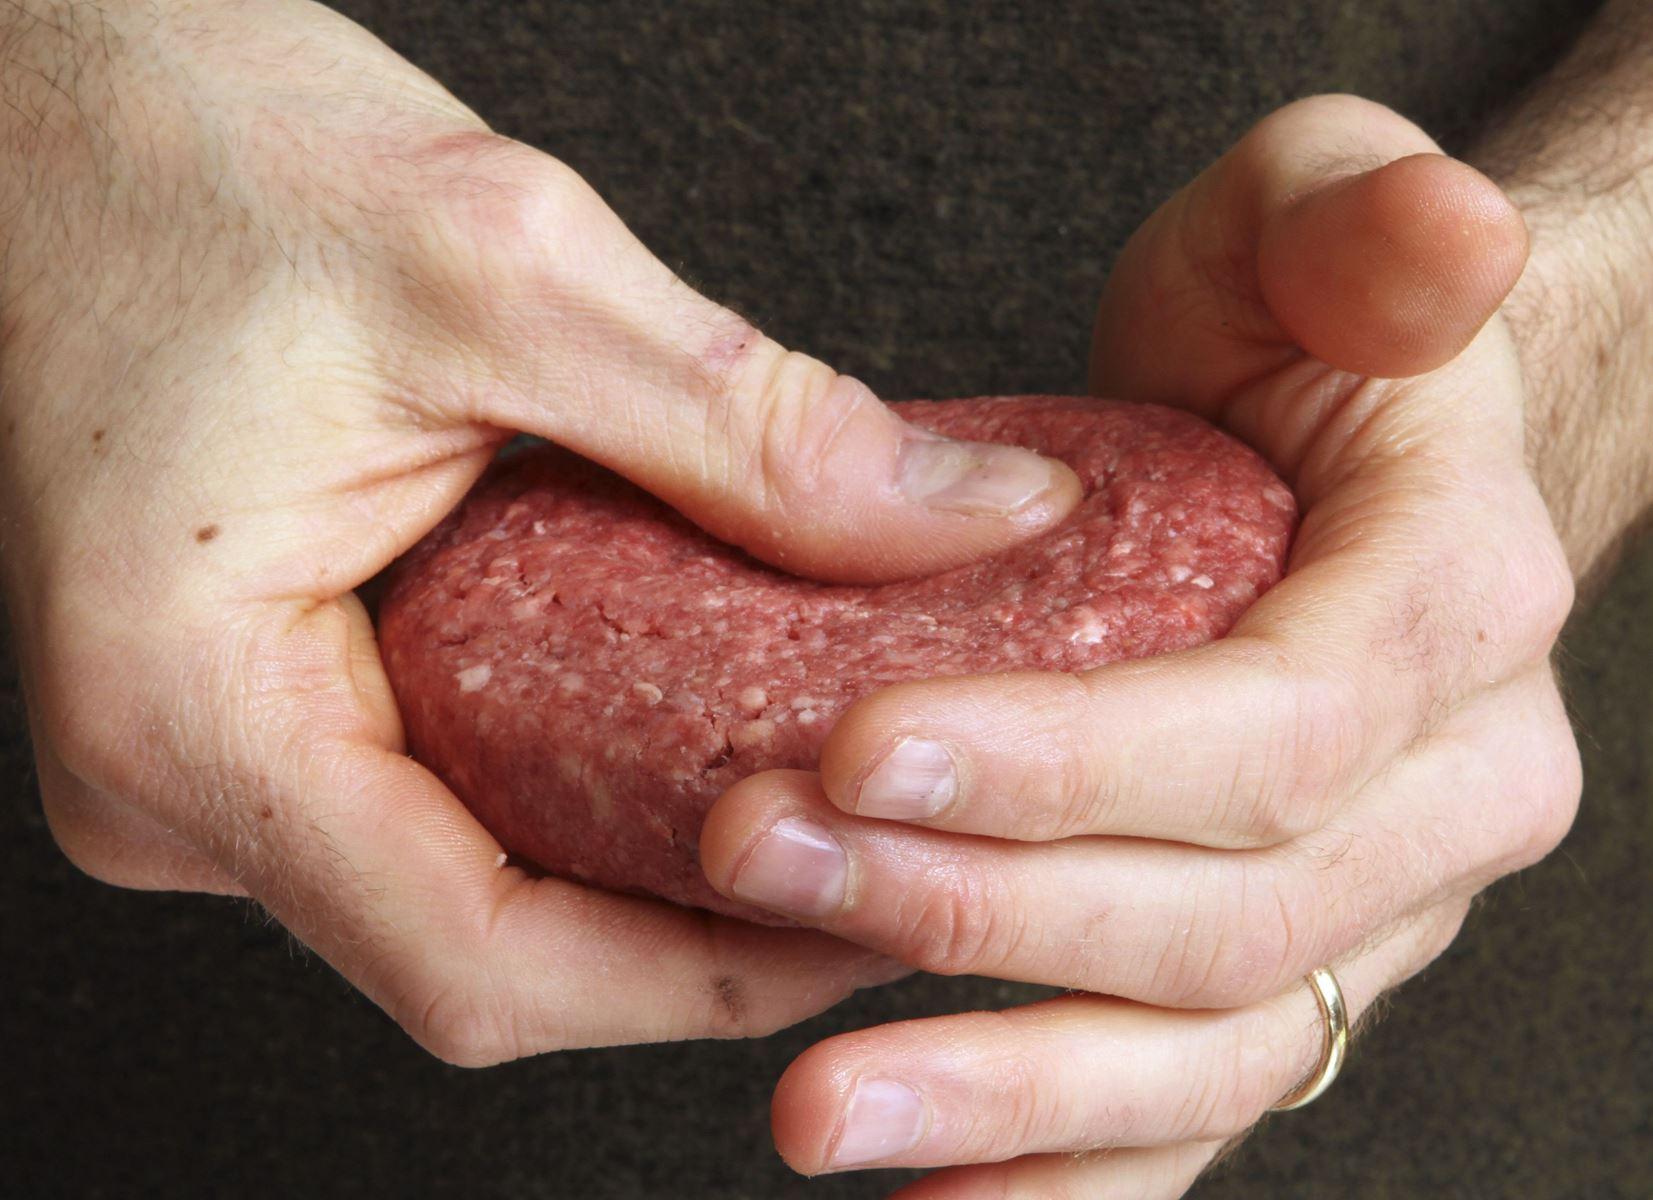 Fødevarestyrelsen oplyser, at Skare Øst trækker et parti af kød tilbage, da der er fundet salmonella.